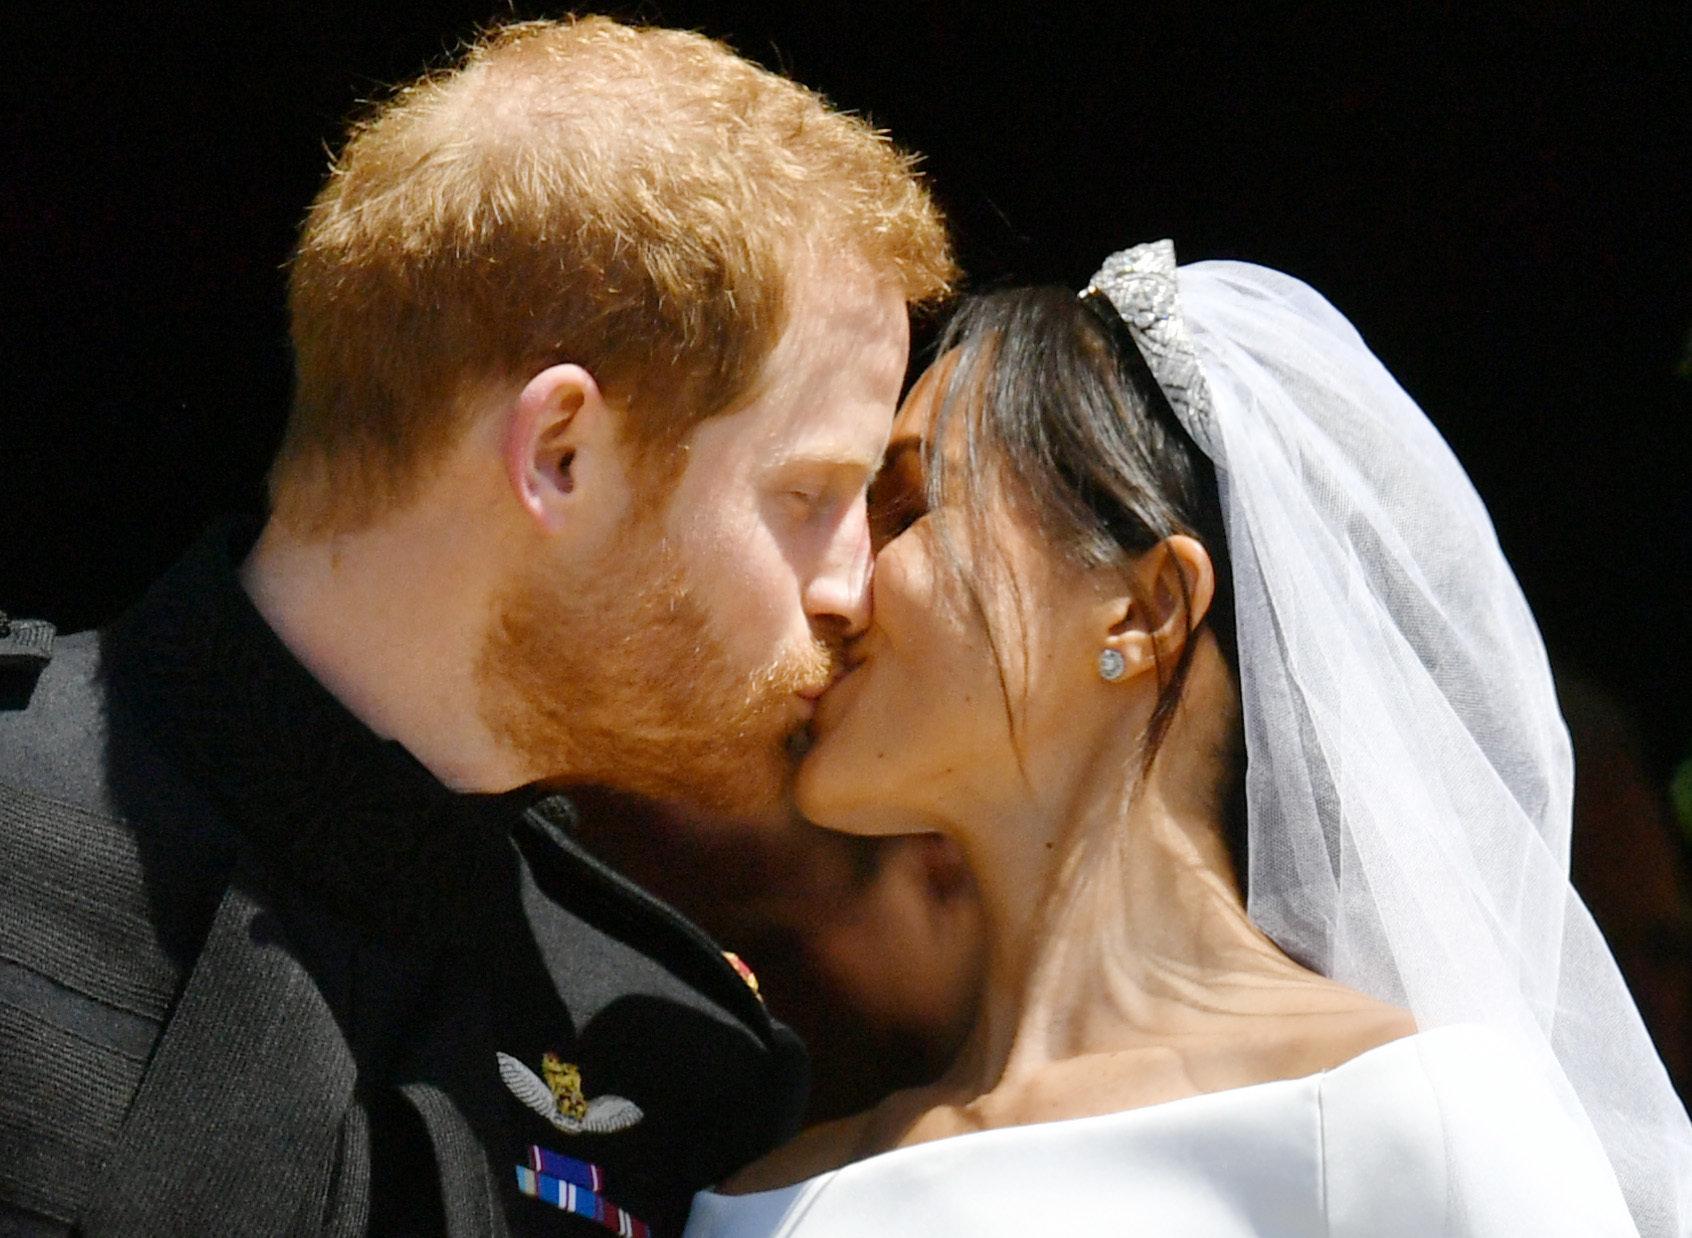 Prince Harry and Meghan Markle share a kiss.